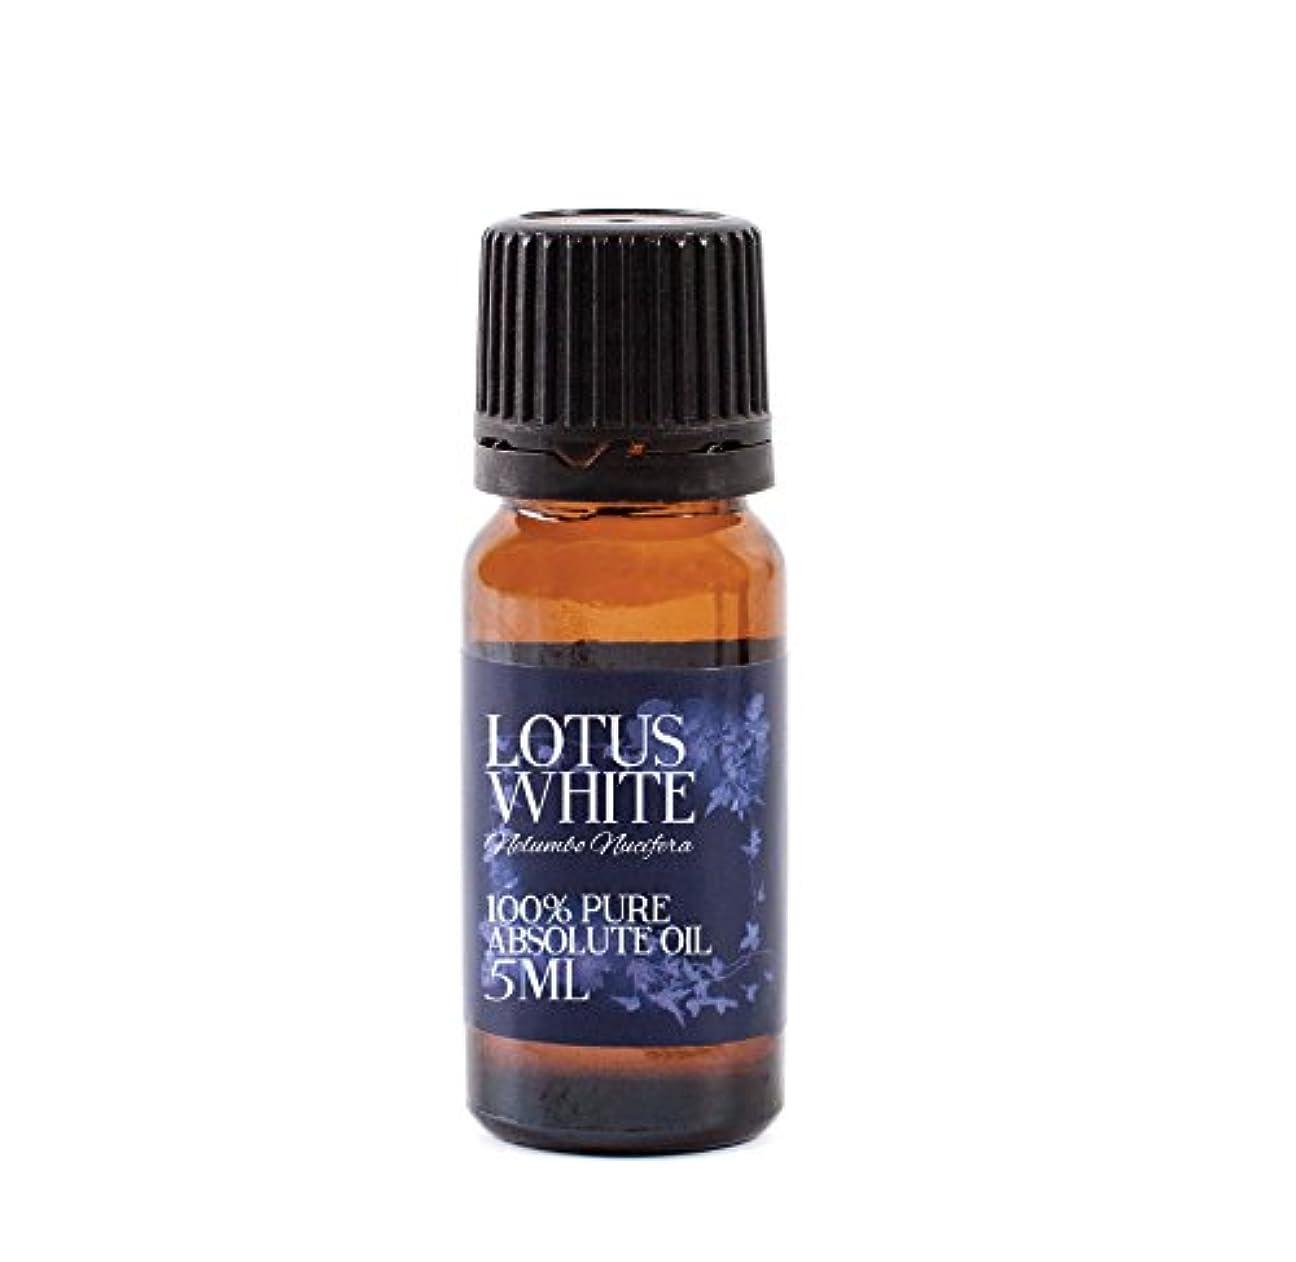 ダンス外側予測Lotus White Absolute 5ml - 100% Pure